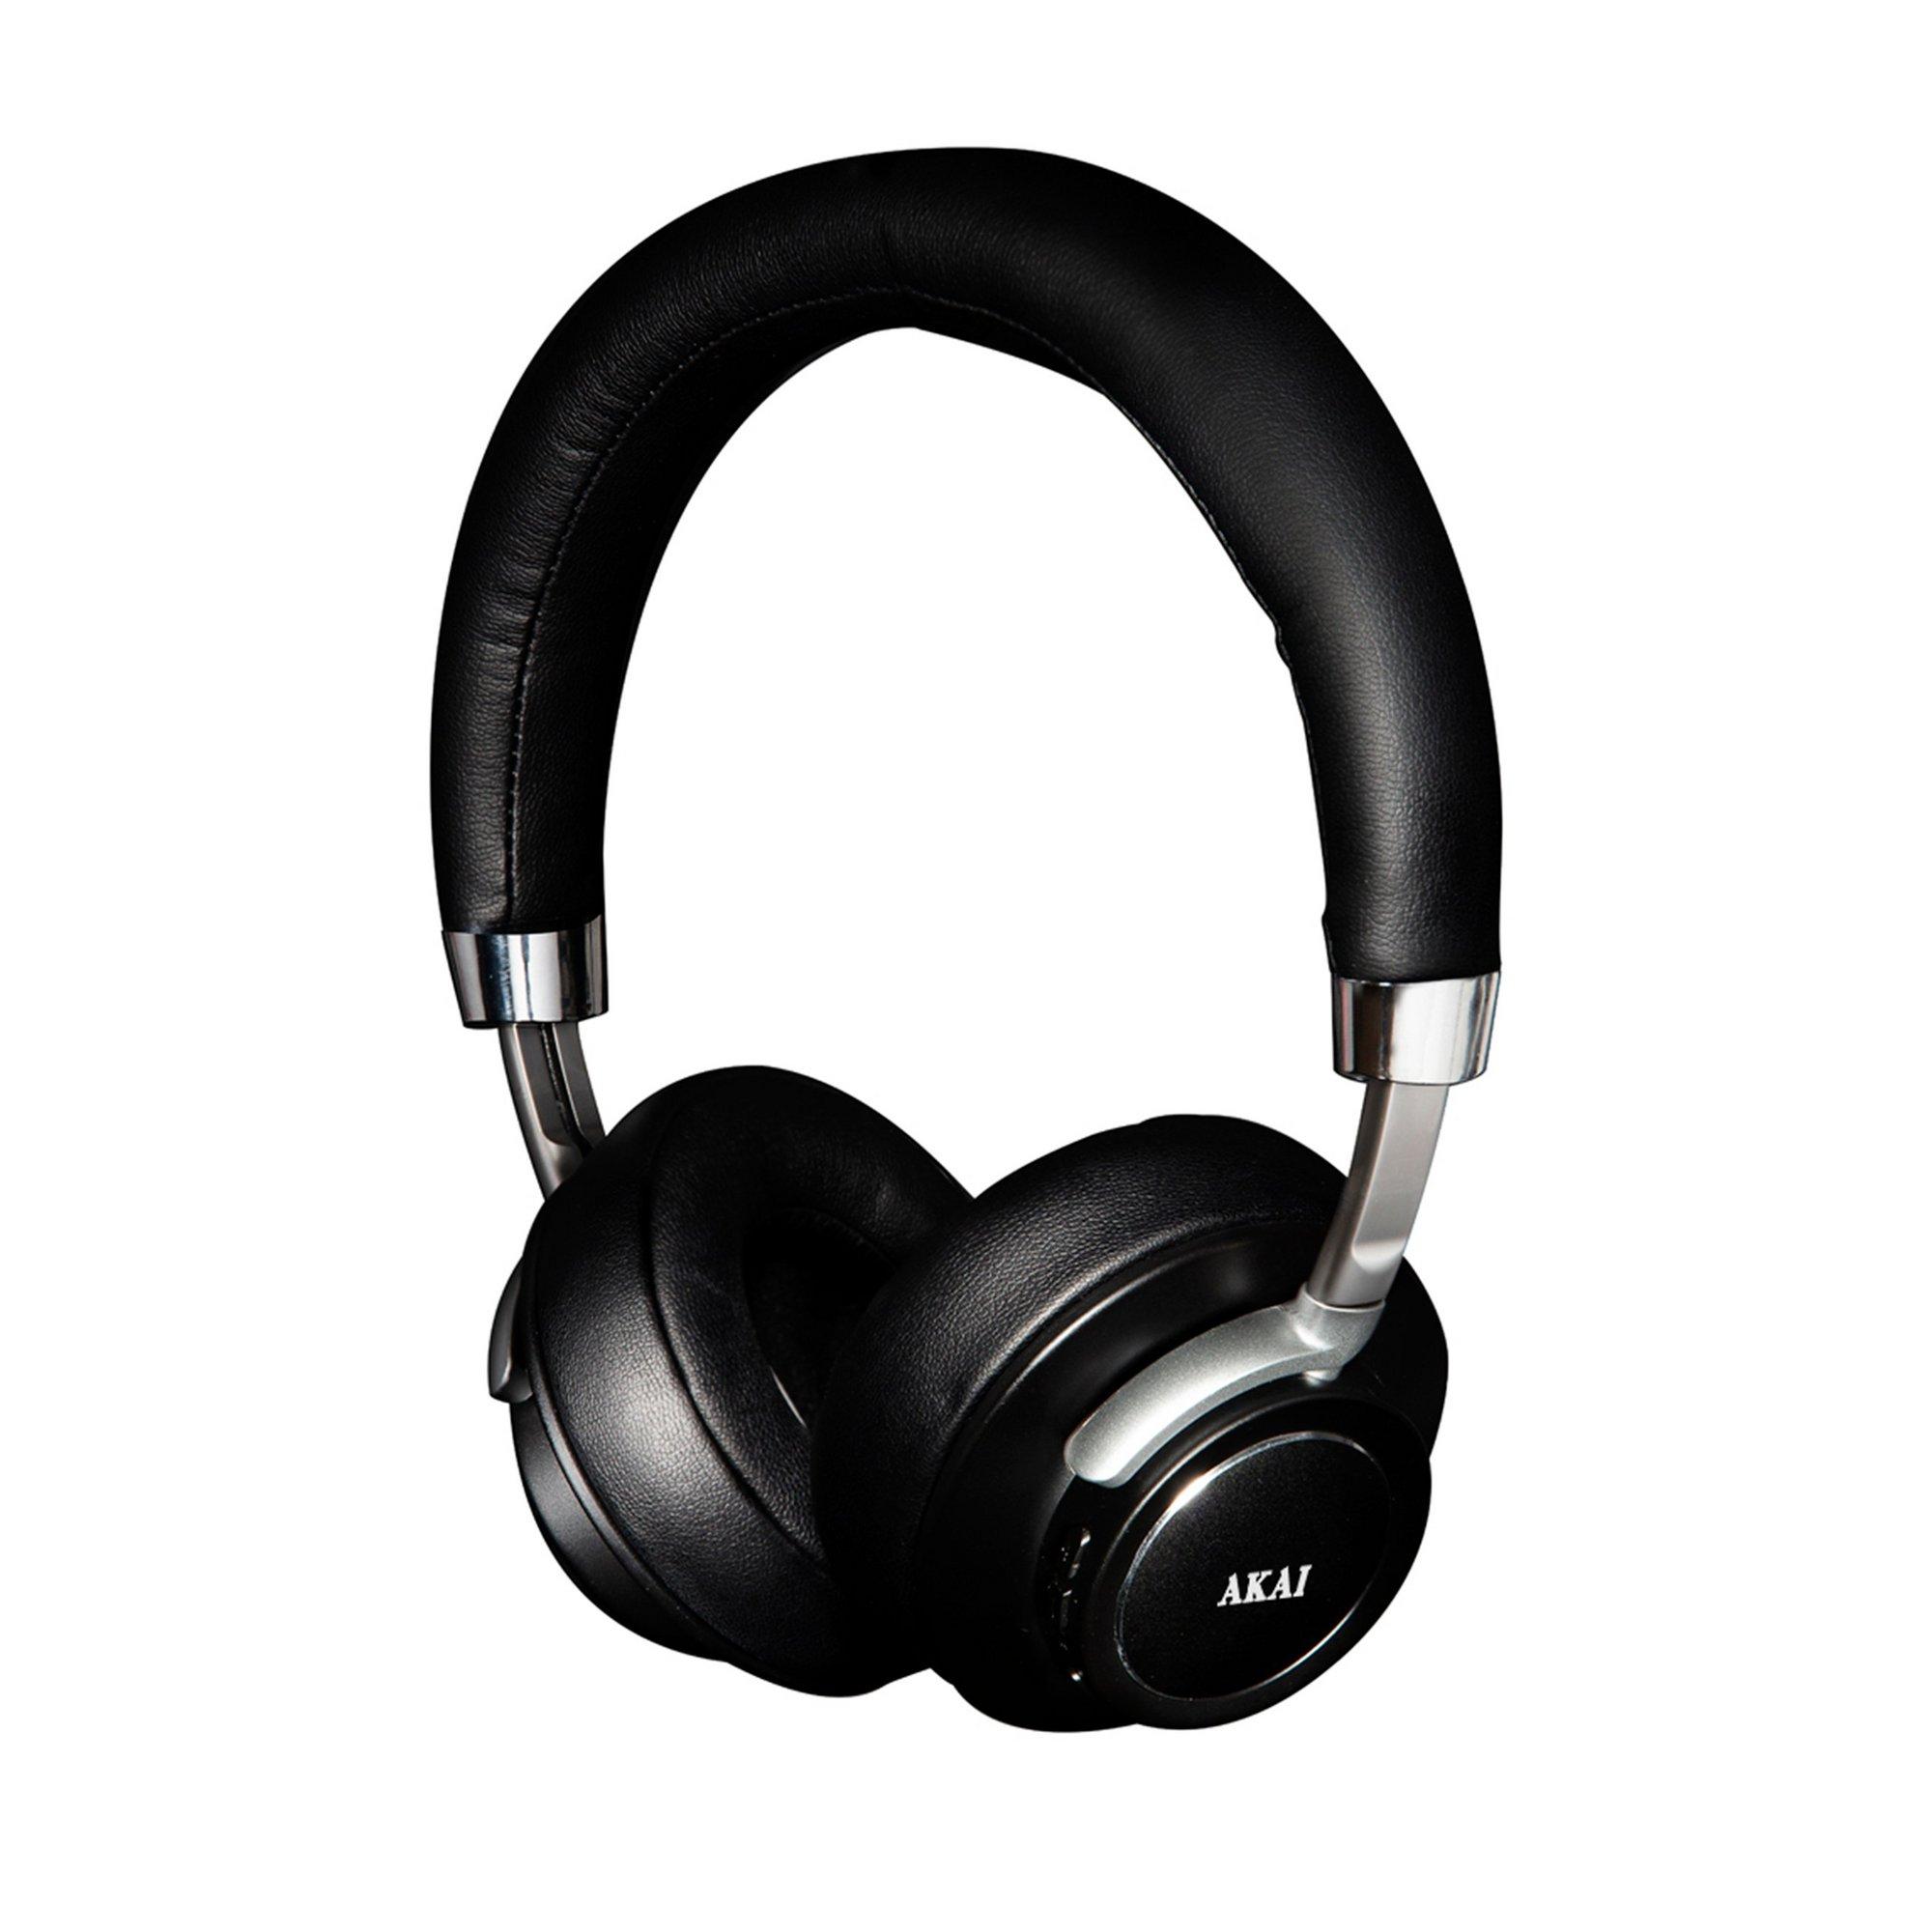 Image of Akai Core Voice Assistant BT Headphones